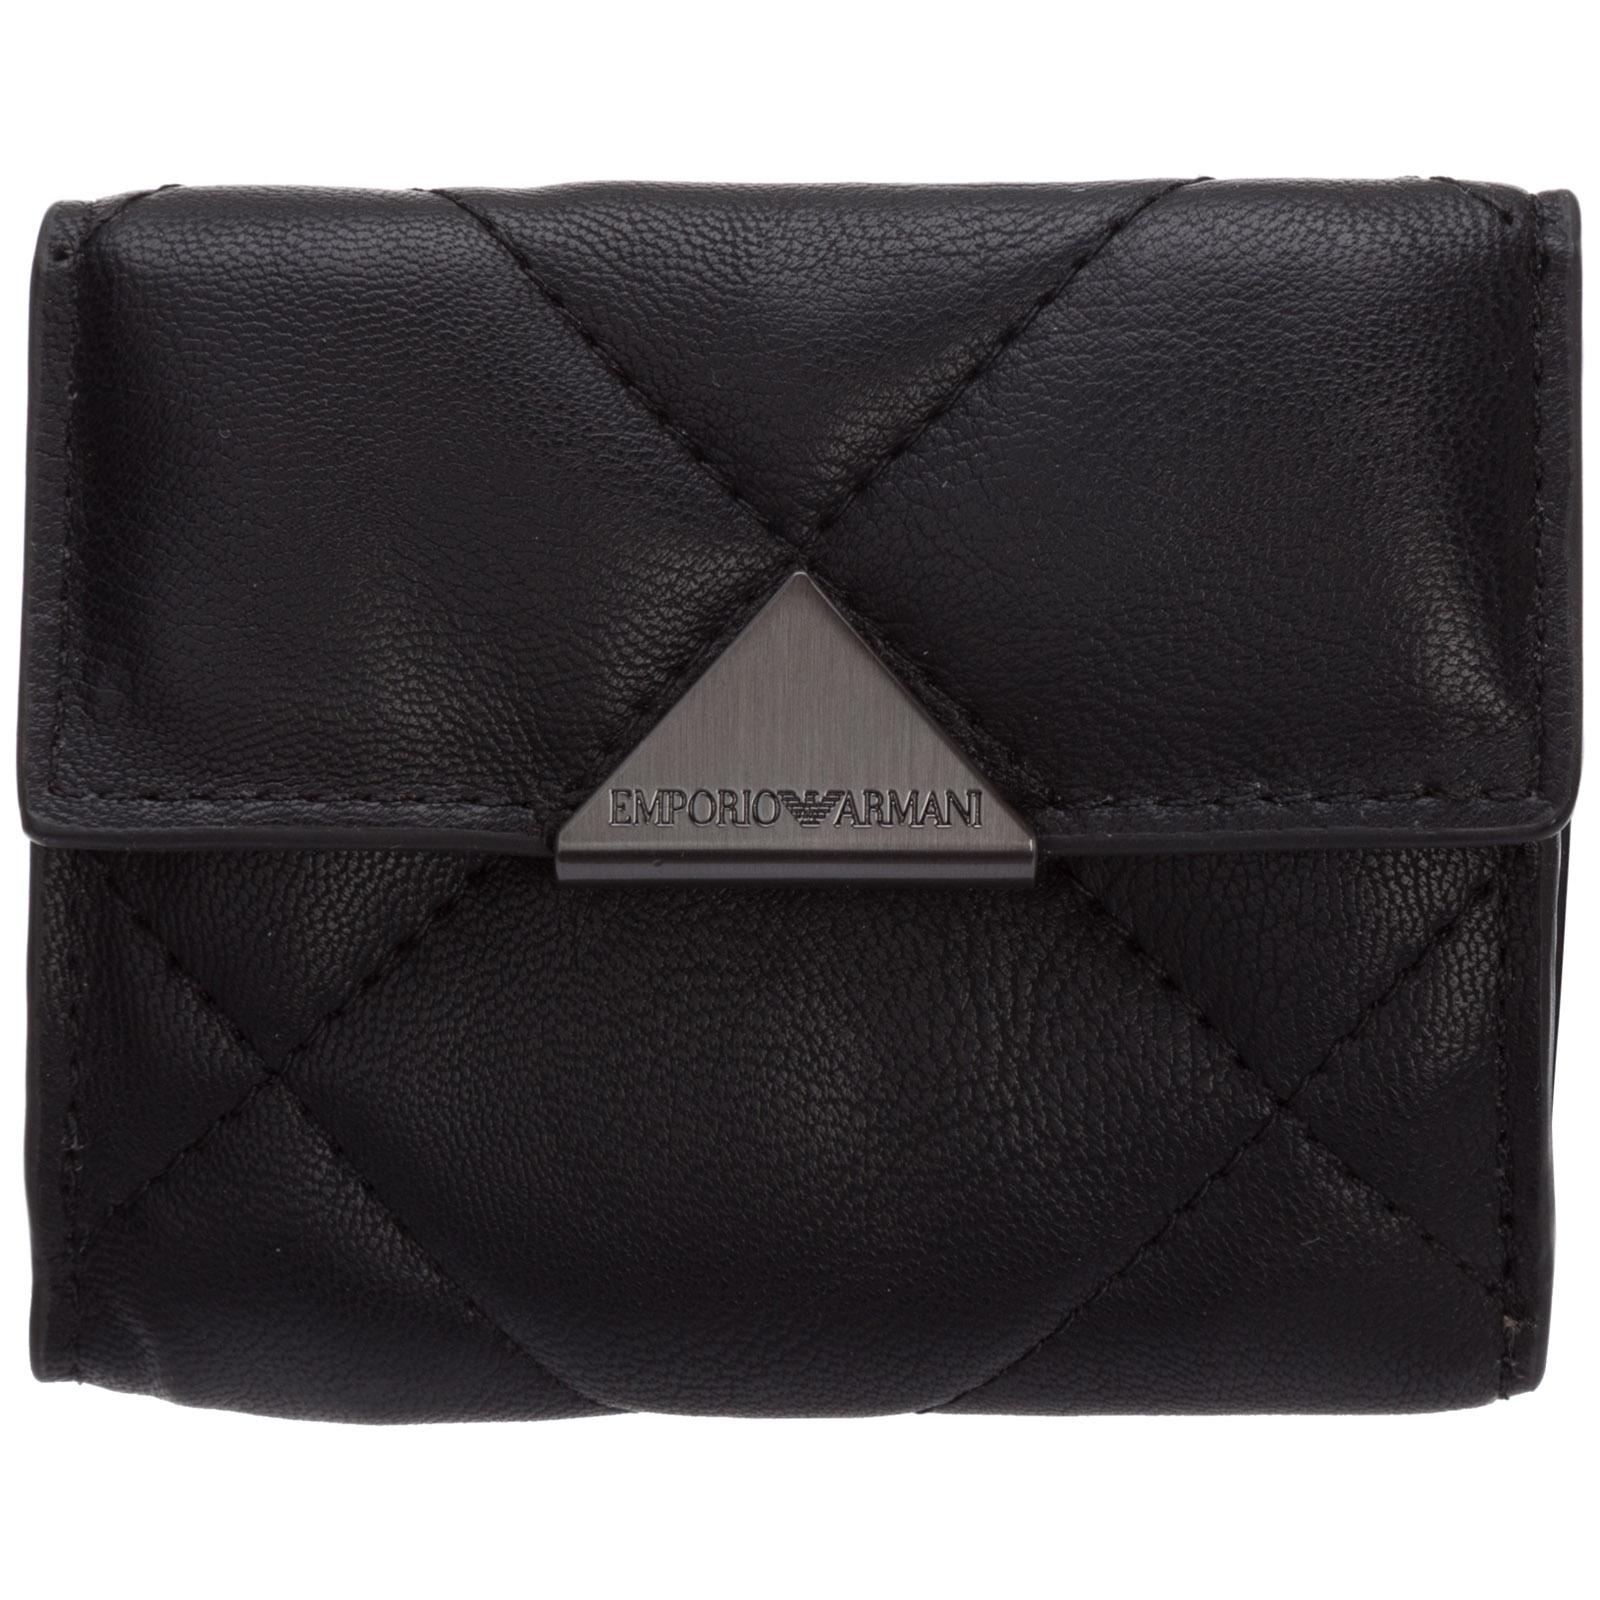 Emporio Armani WOMEN'S WALLET COIN CASE HOLDER PURSE CARD